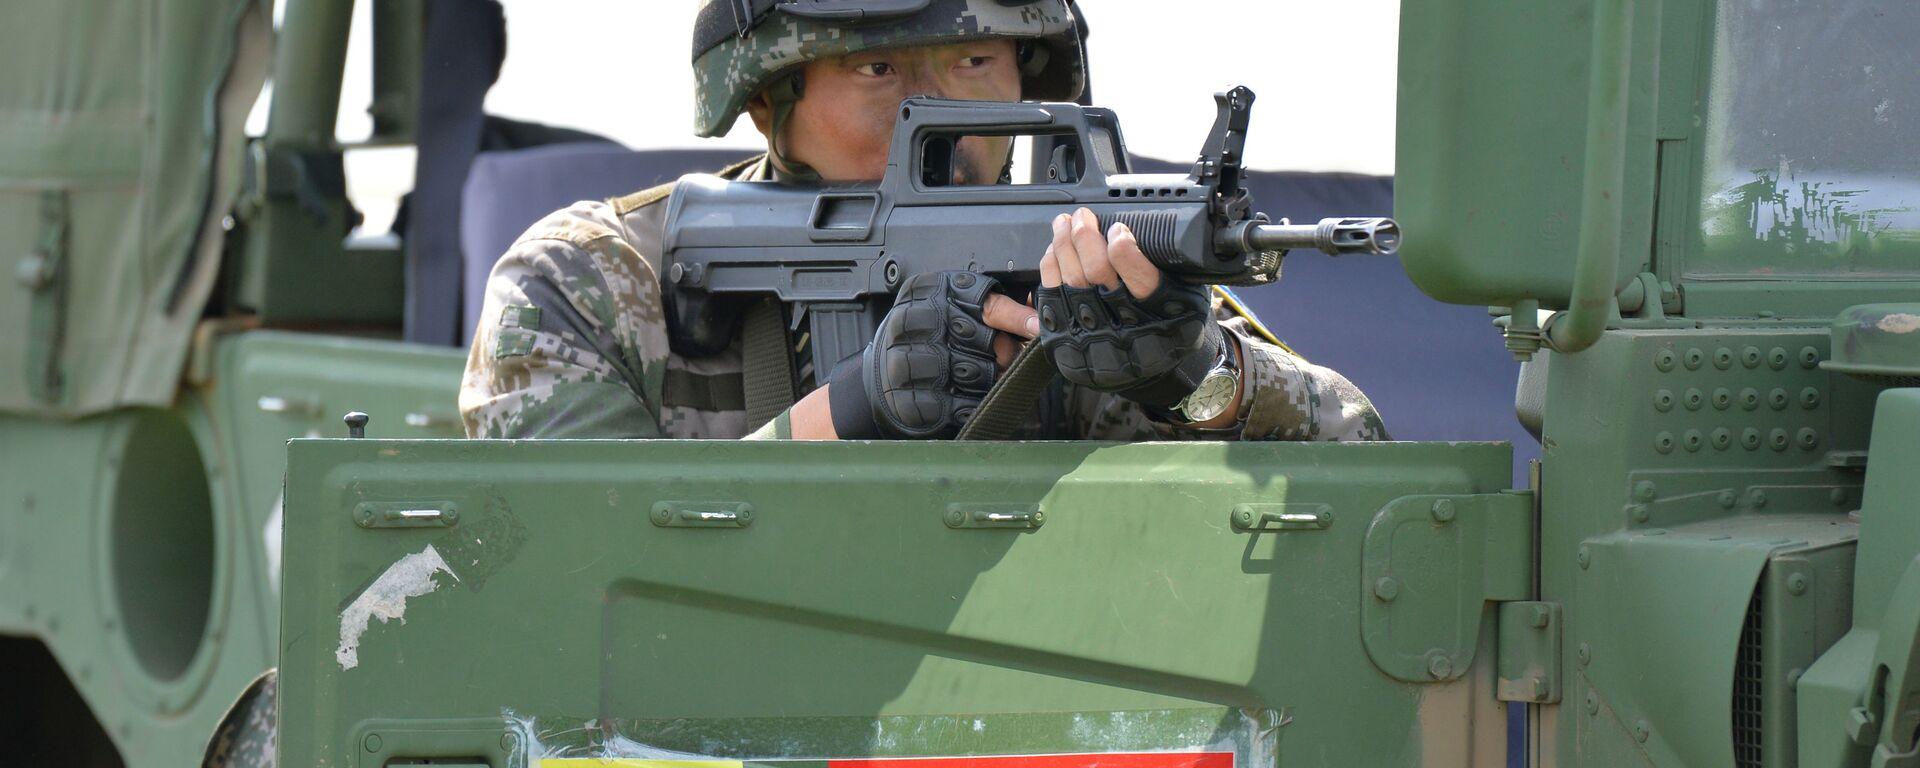 Военнослужащий КНР участвует в совместном военном антитеррористическом учении вооруженных сил государств – членов ШОС Мирная миссия – 2018 на полигоне в Чебаркуле - Sputnik Таджикистан, 1920, 10.08.2021